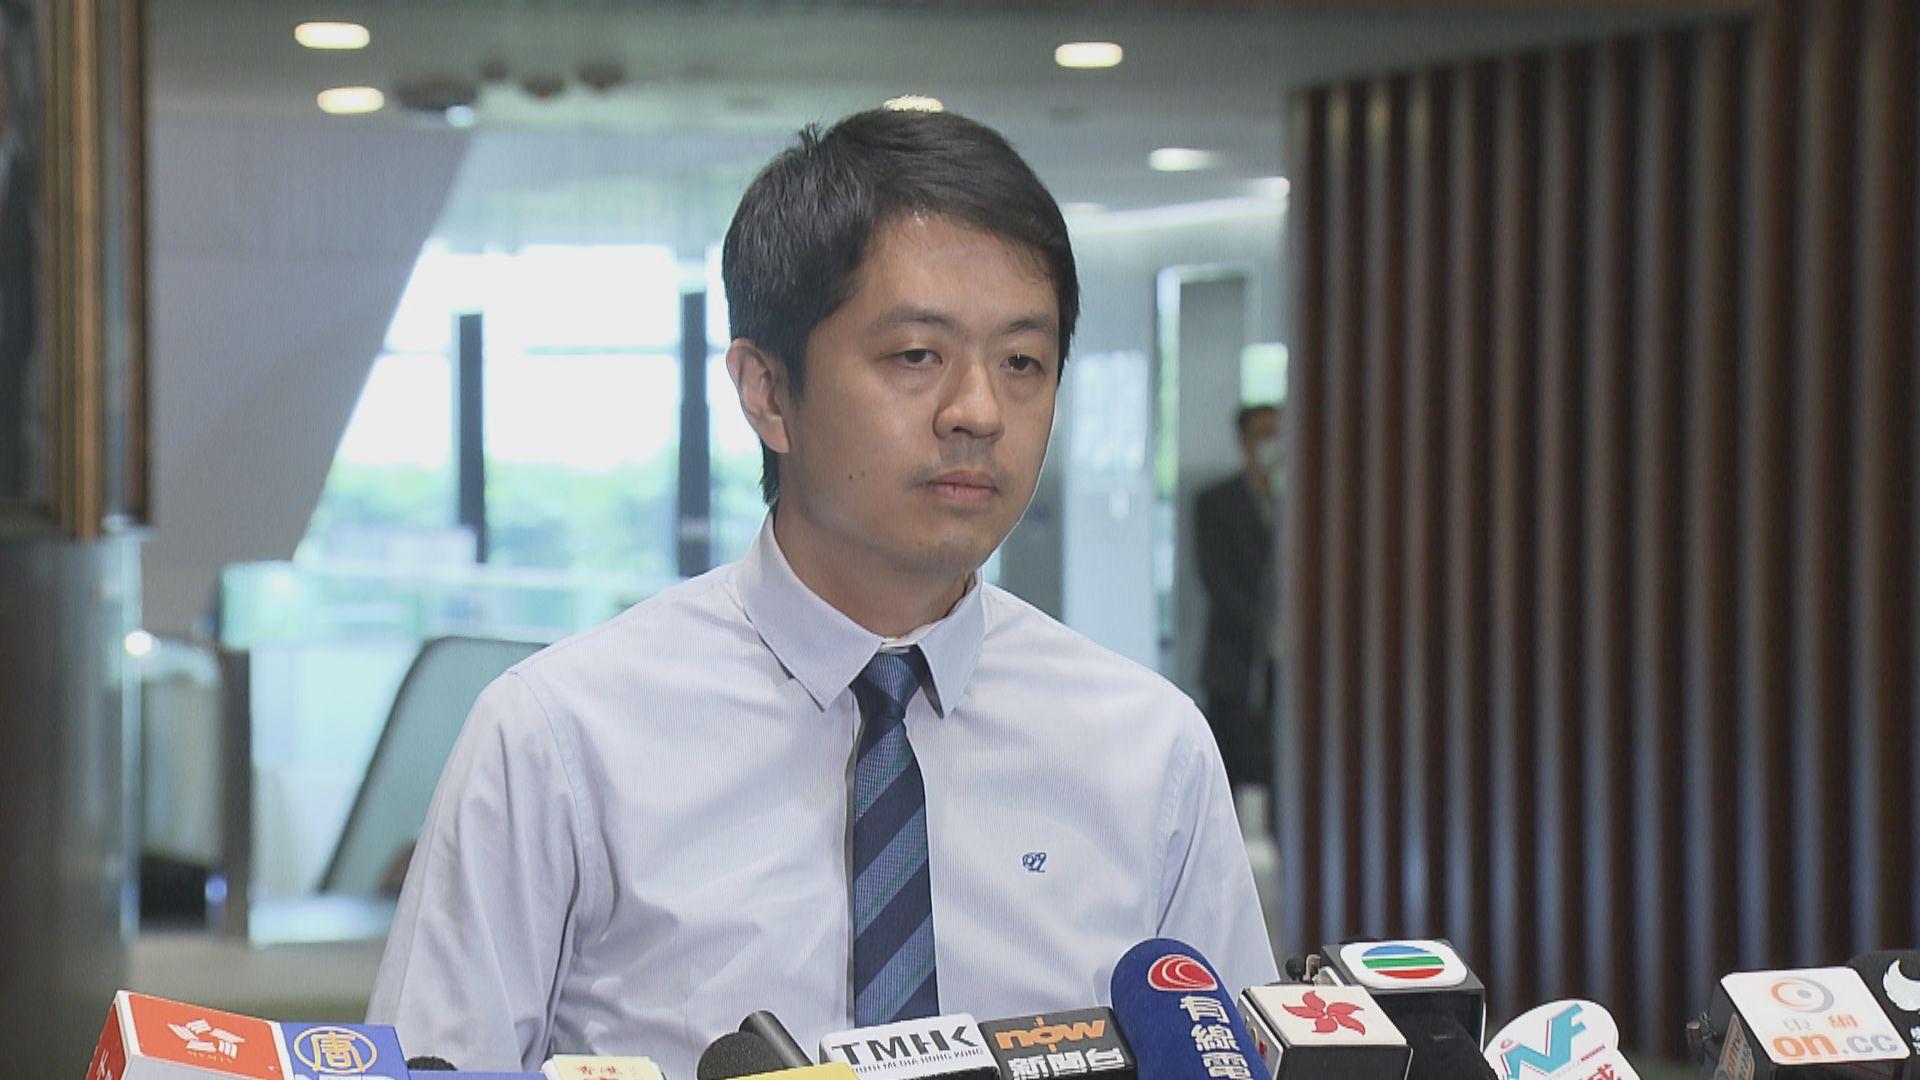 許智峯:交給其他議員處理譴責議案 公道自在人心